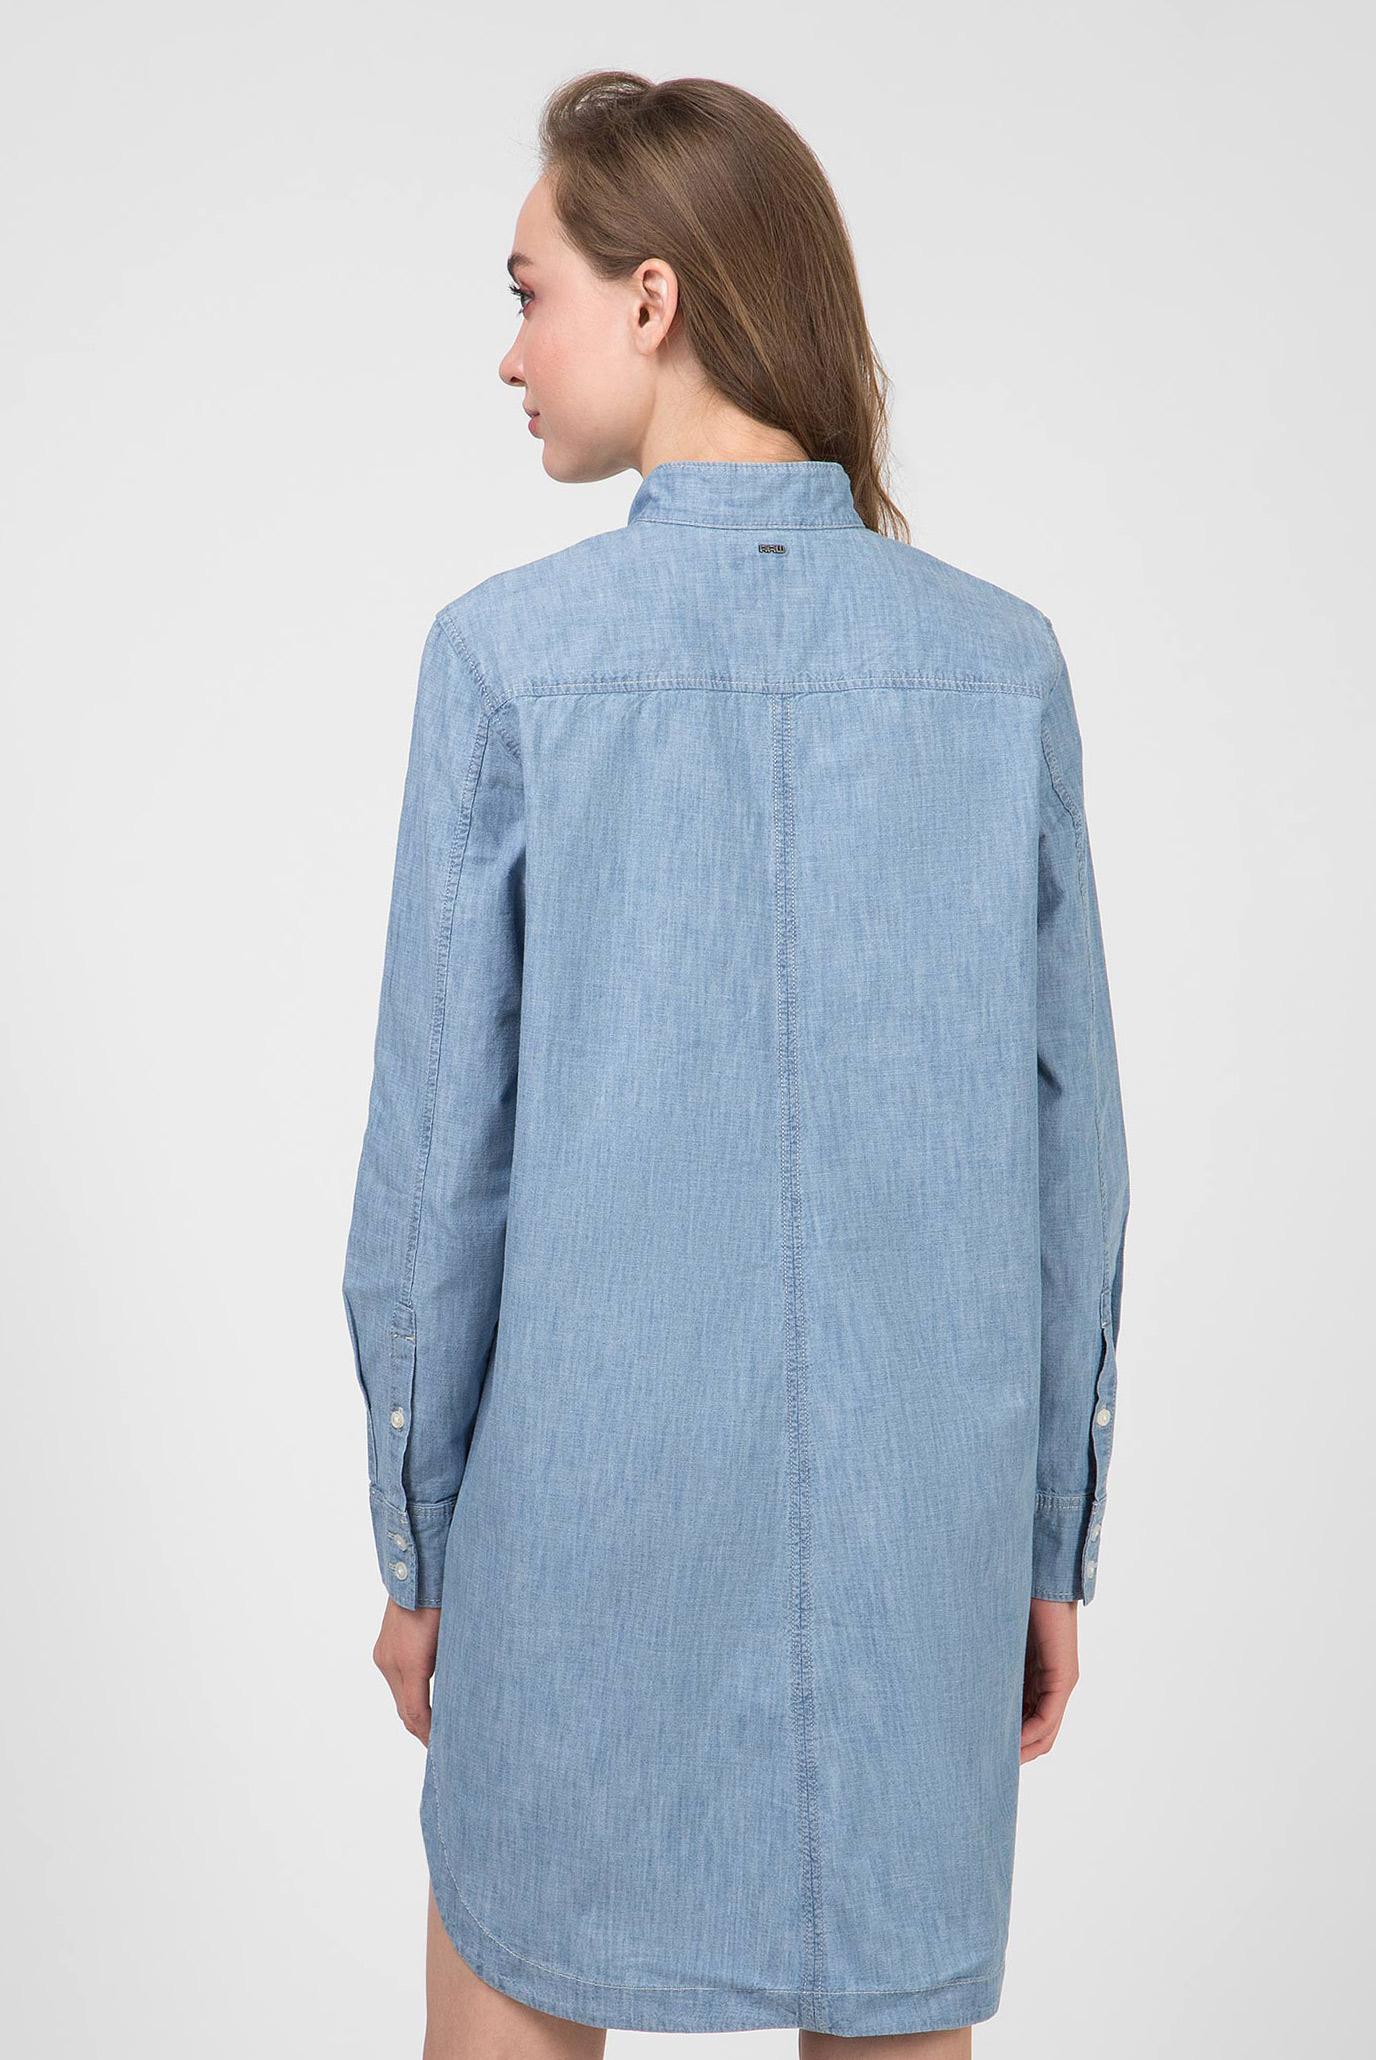 Женское голубое джинсовое платье Milary shirt G-Star RAW